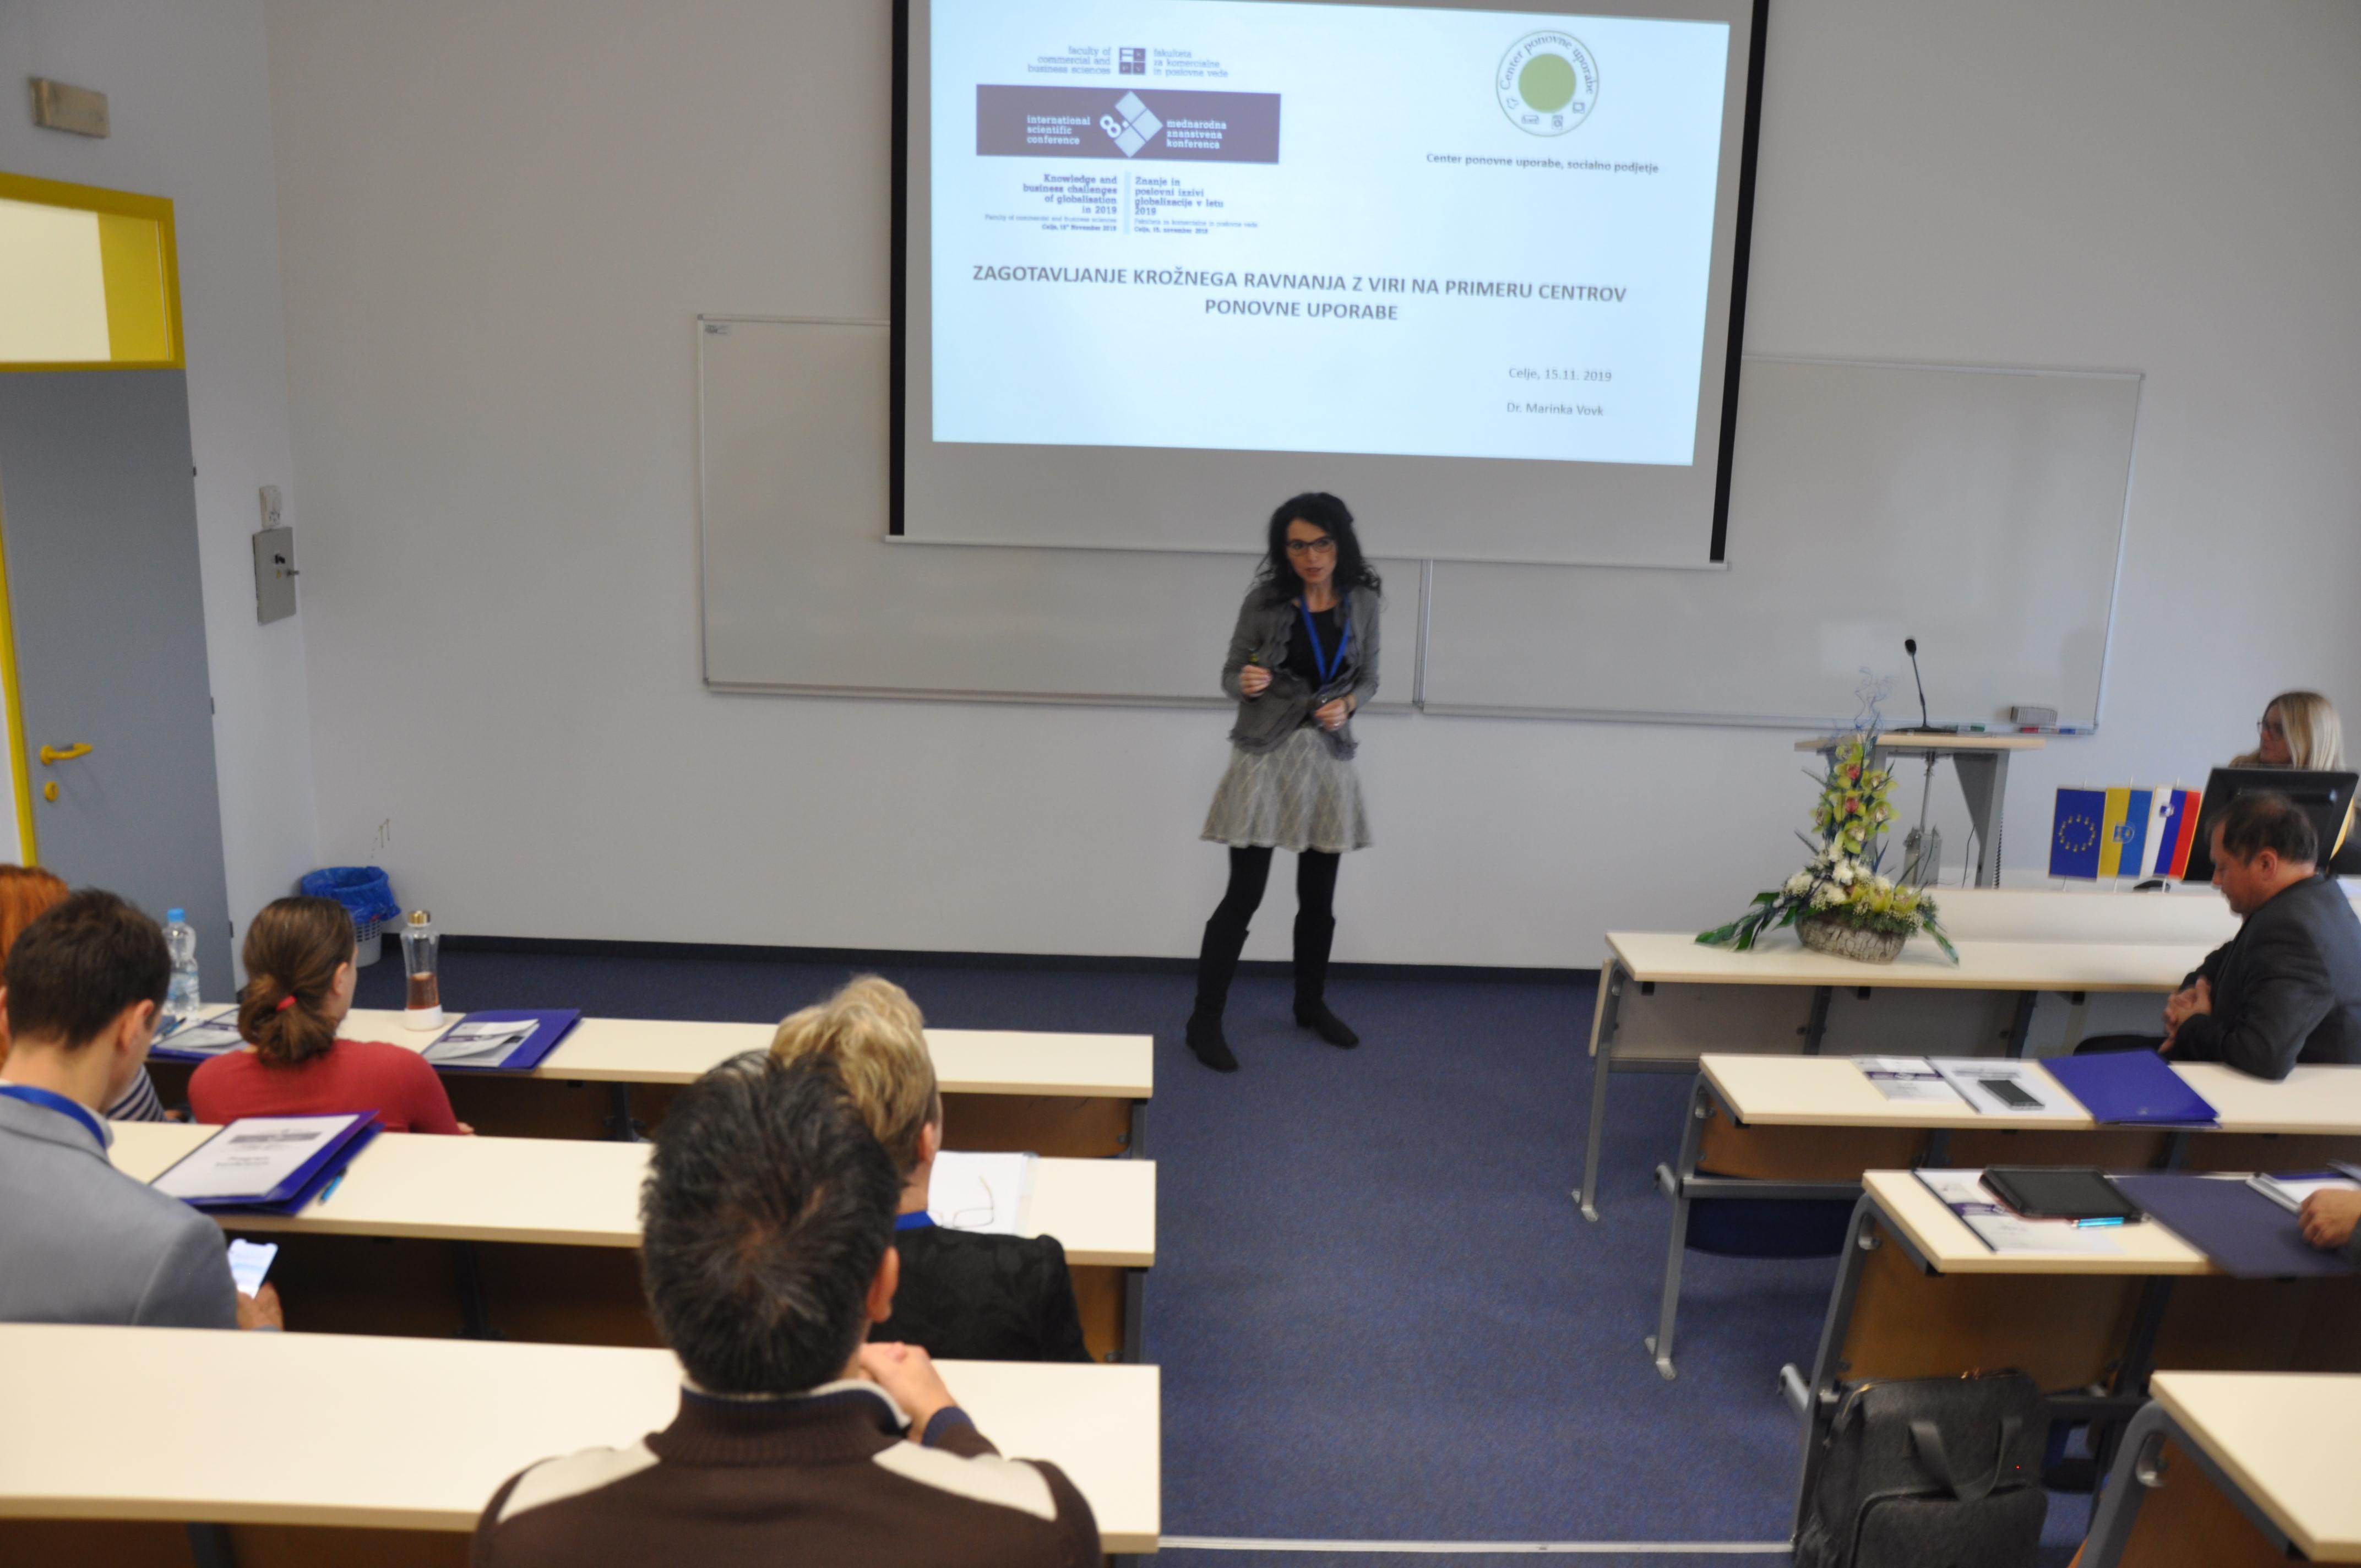 dr. Marinka Vovk s prispevkom Zagotavljanje krožnega ravnanja z viri na primeru centrov ponovne uporabe